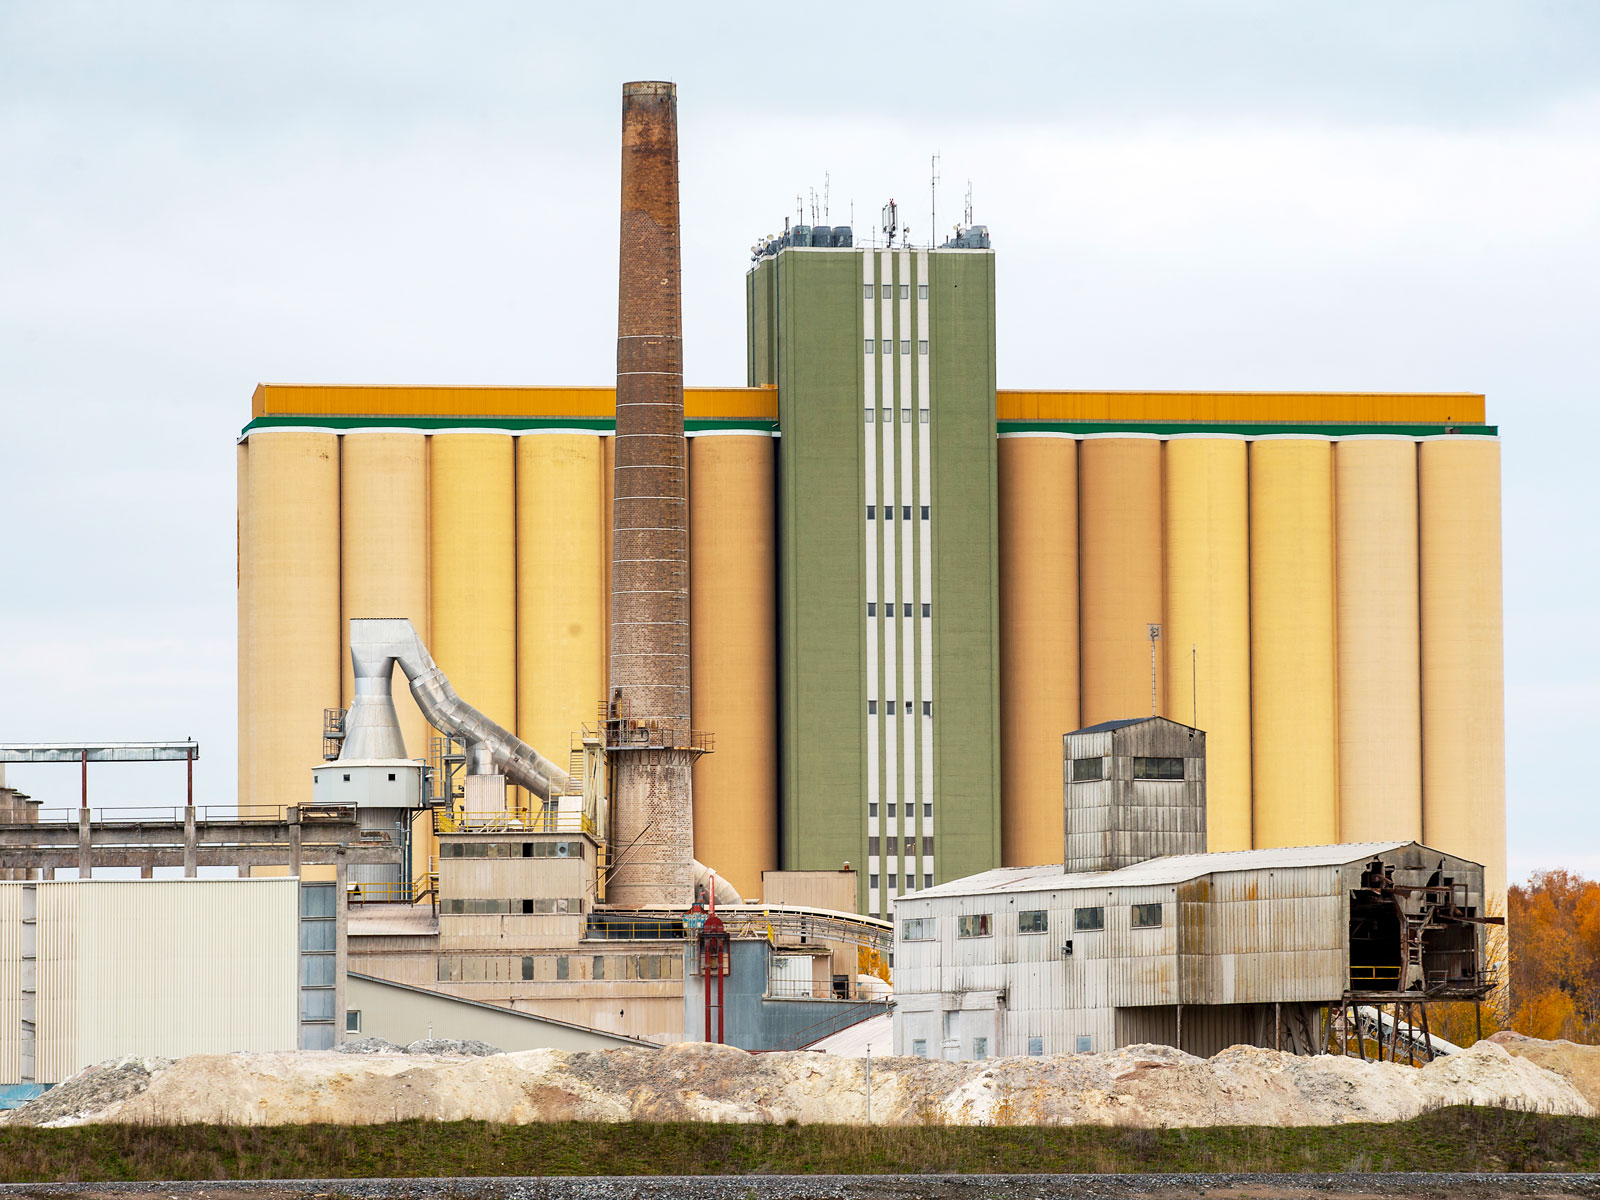 Miljonprogrammet i Stockholm är till stor del byggt av cement från Köping.